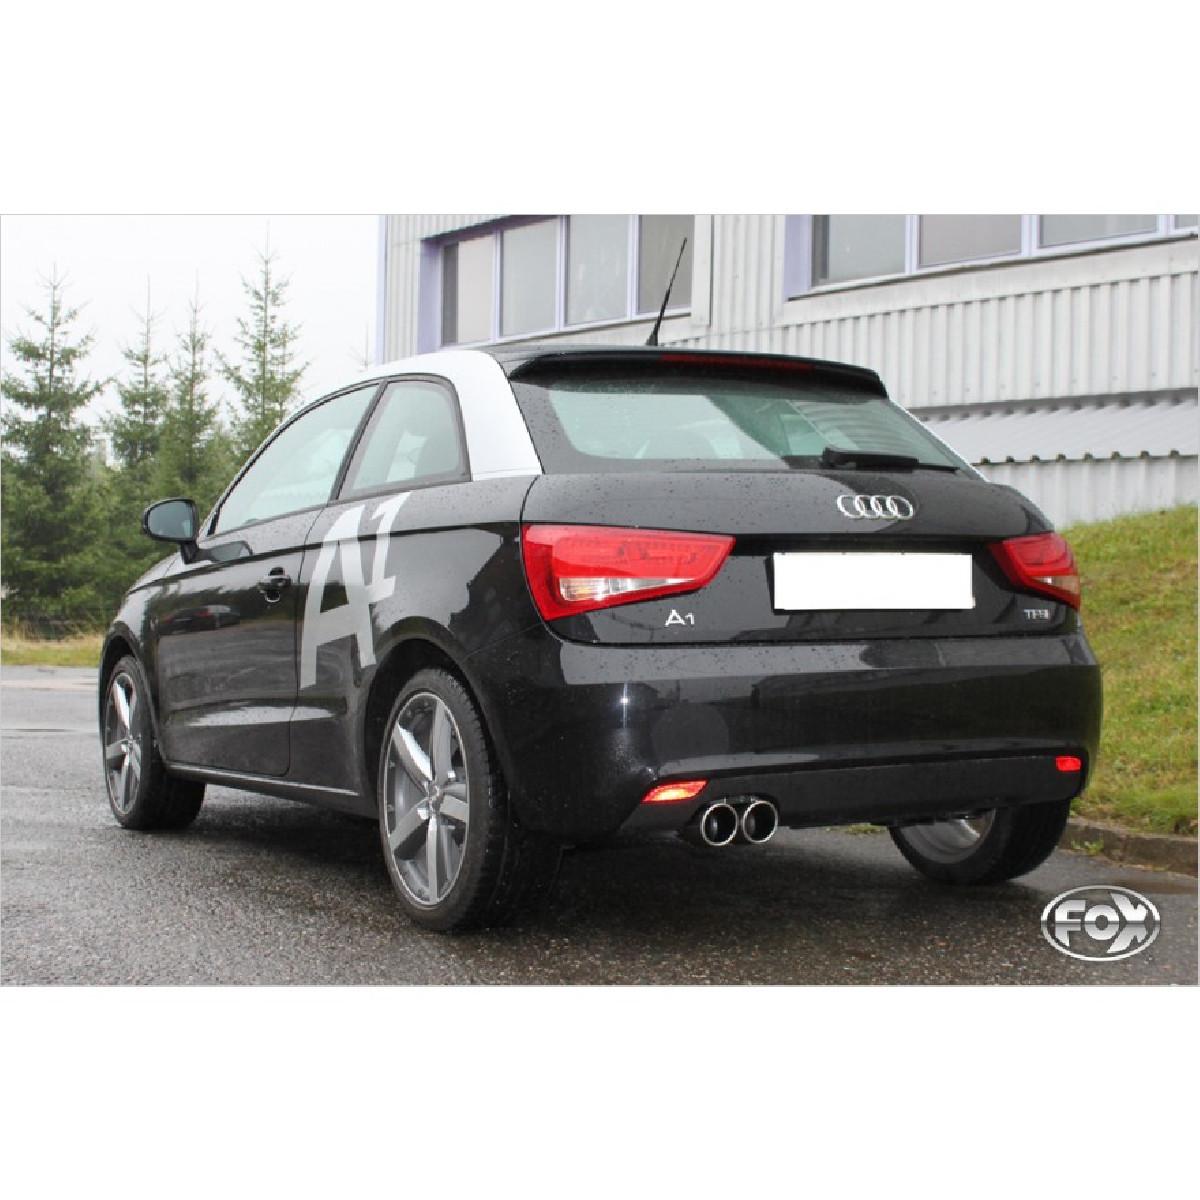 Audi A1 Kompakt/ A1 Sportback Endschalldämpfer - 2x90